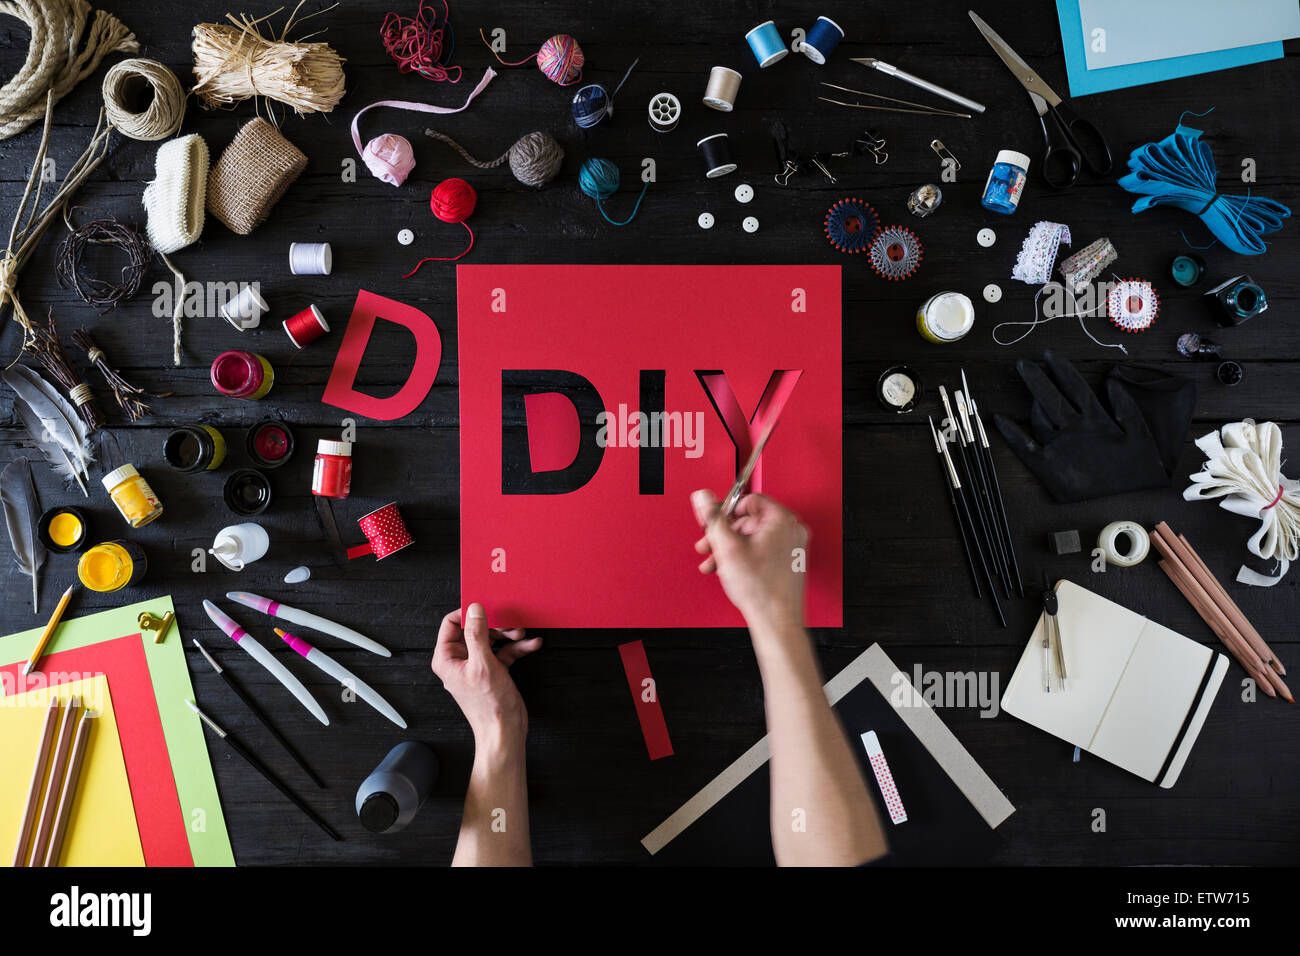 Uomo con le mani in mano il taglio la parola DIY del cartone rosso Immagini Stock